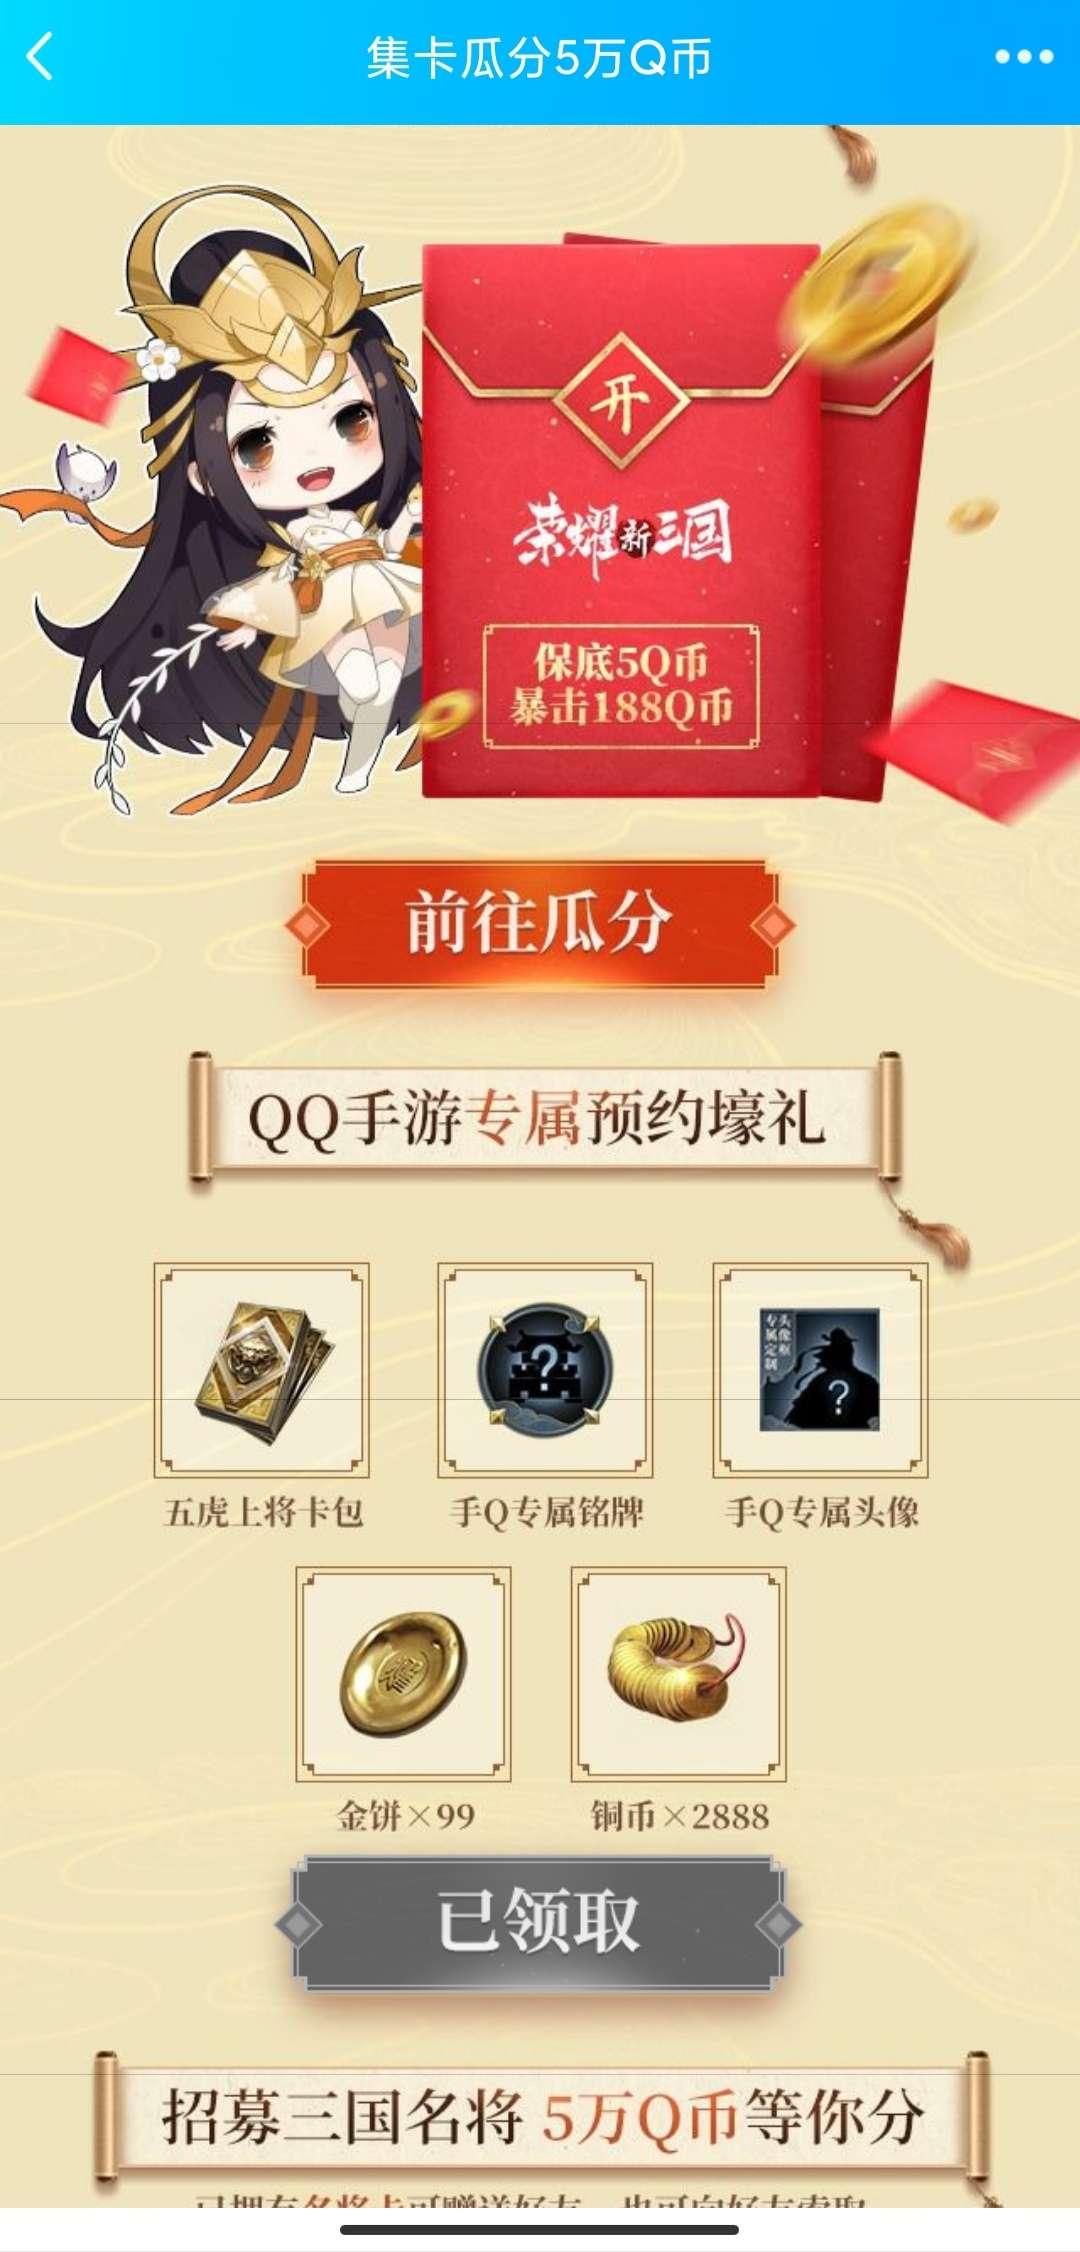 荣耀新三国集卡领Q币-聚合资源网